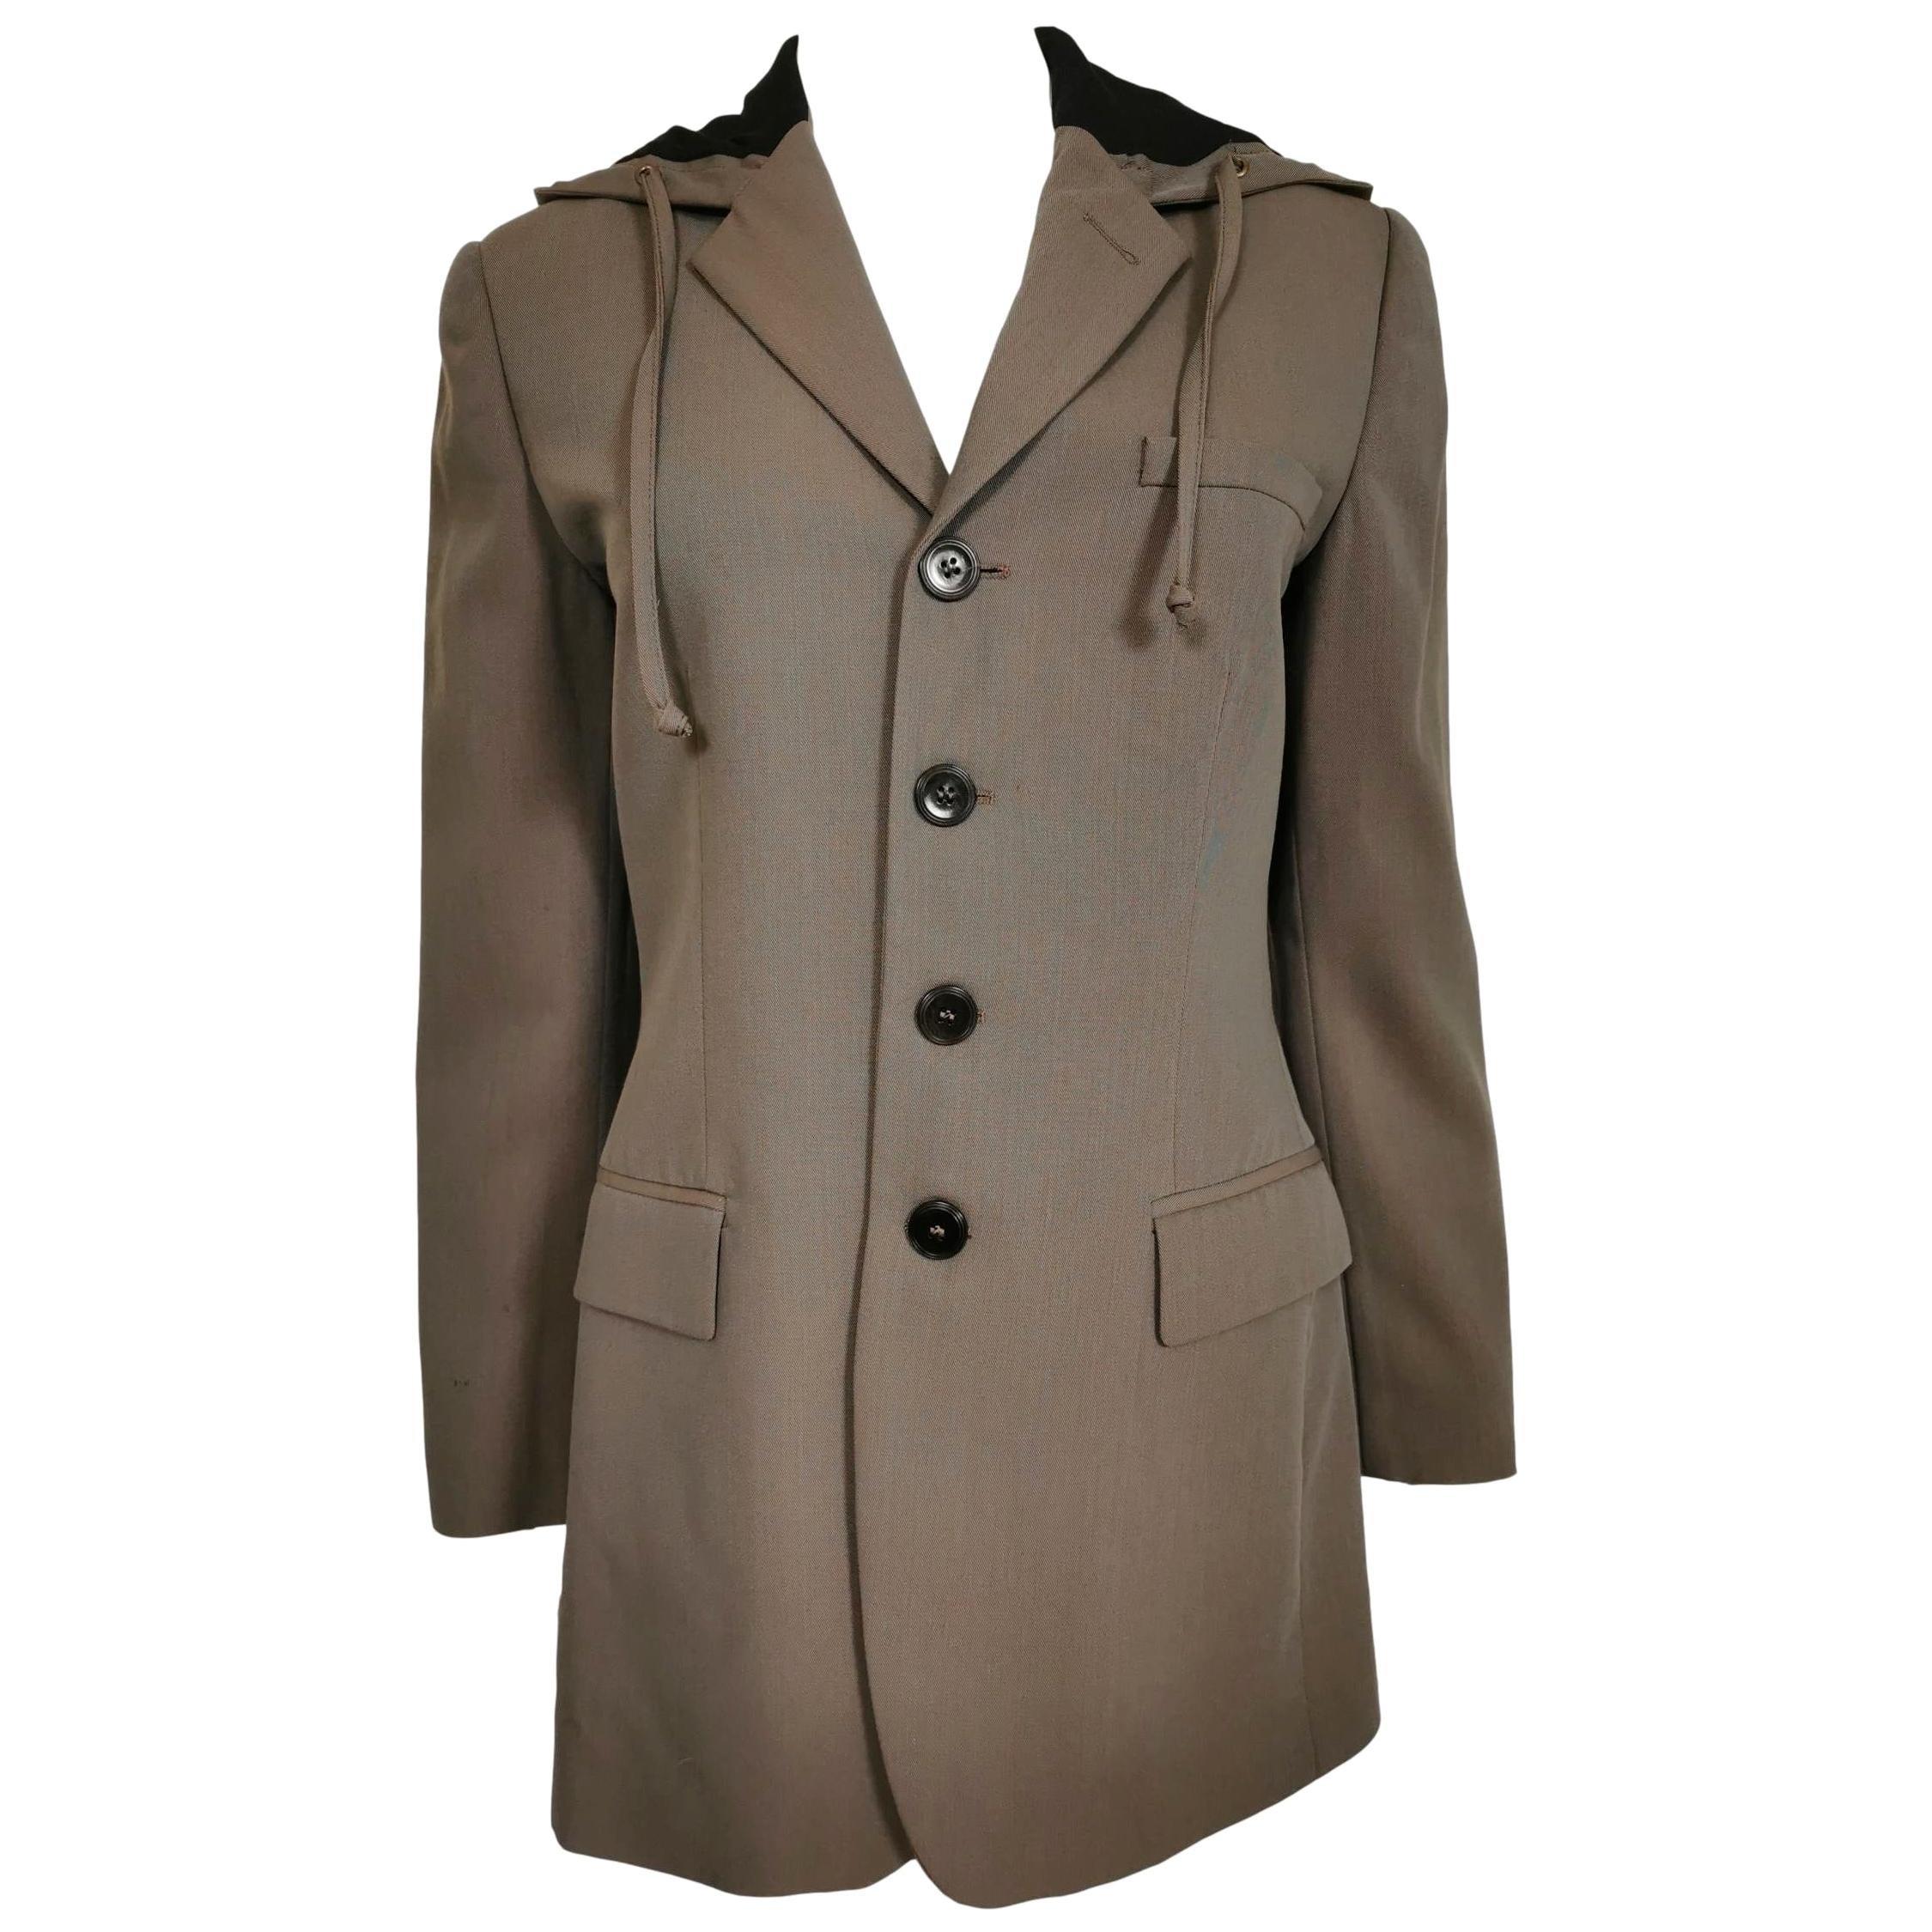 Jean Paul Gaultier Hooded Dress Jacket Autumn/Winter 1998